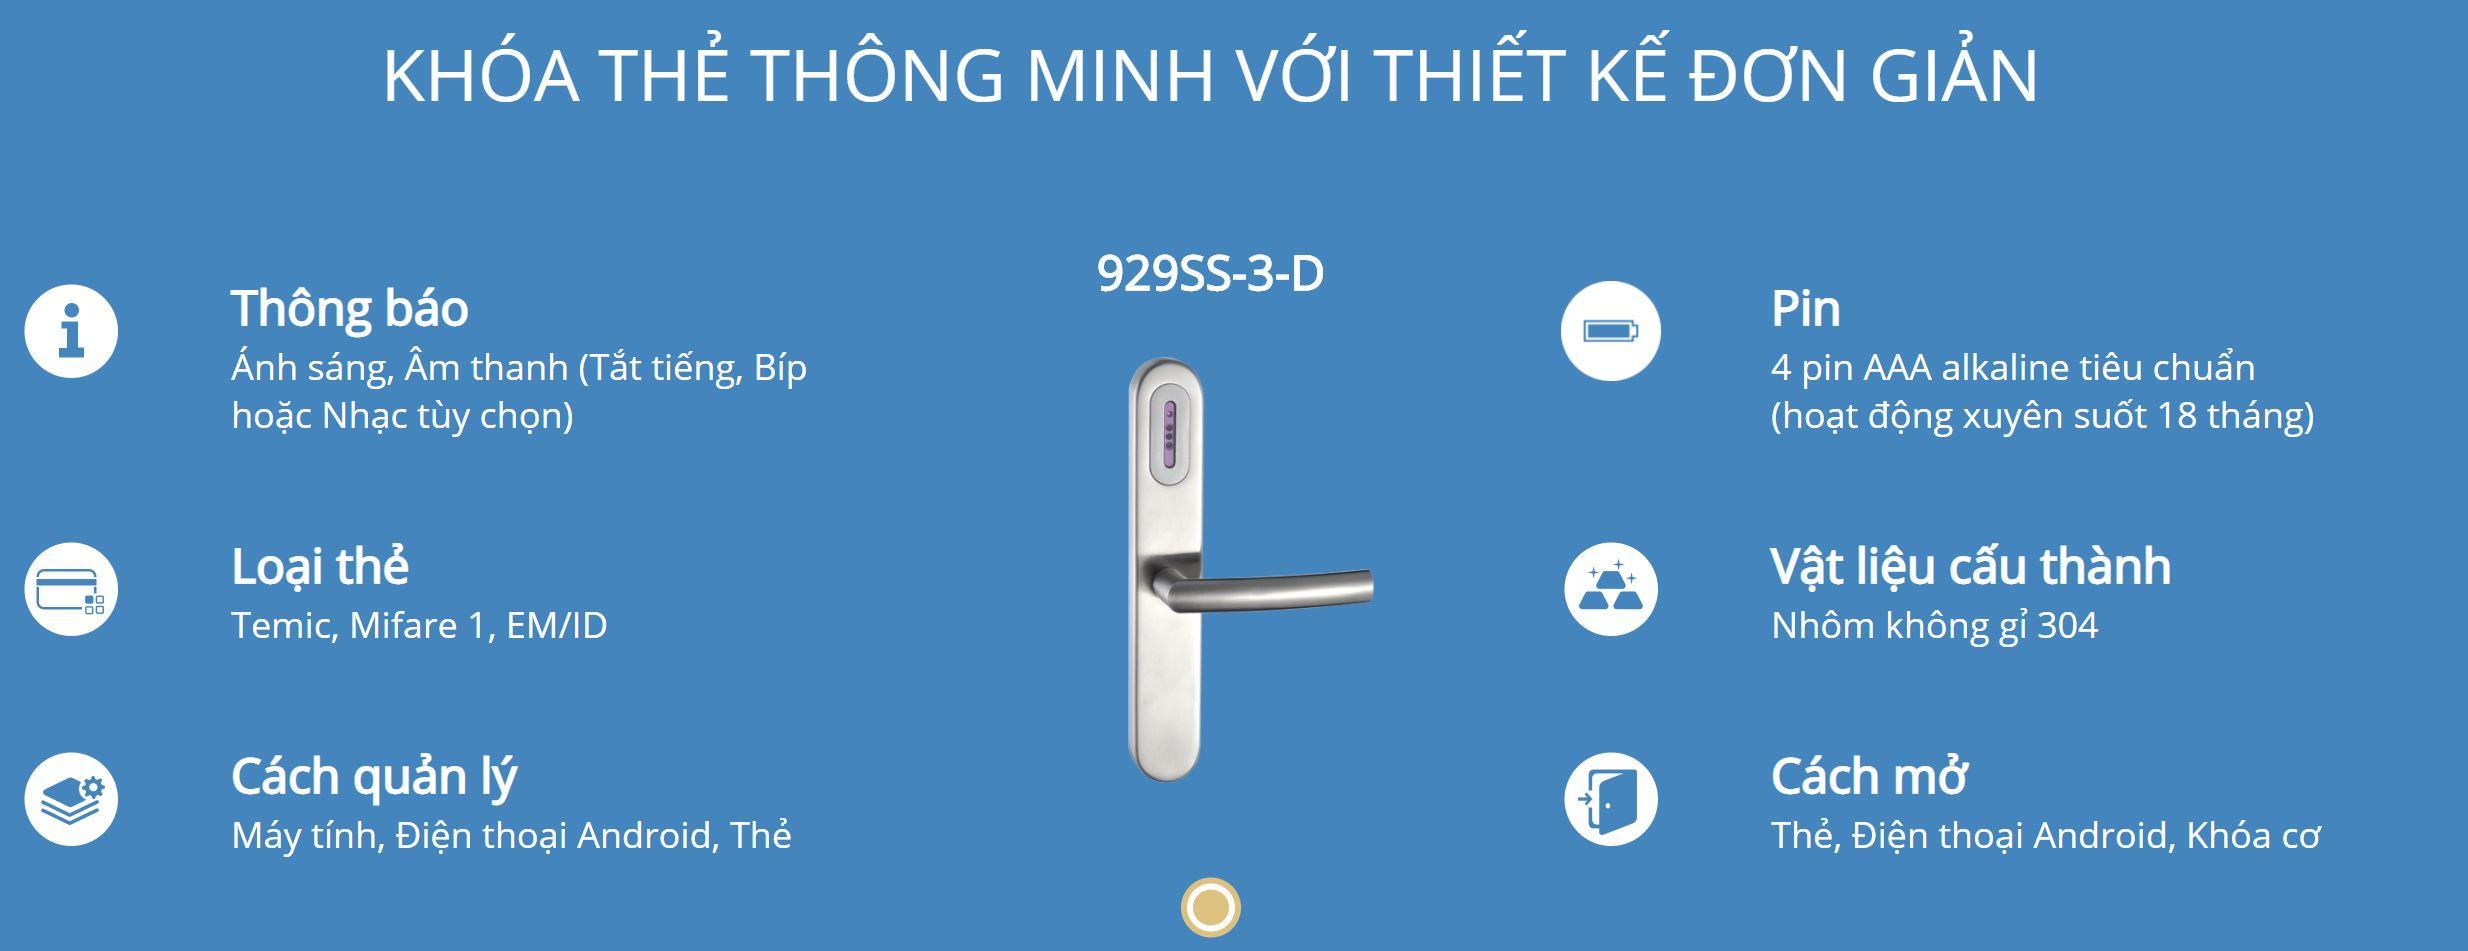 Thông tin kỹ thuật khóa thẻ Hune 929-3-D